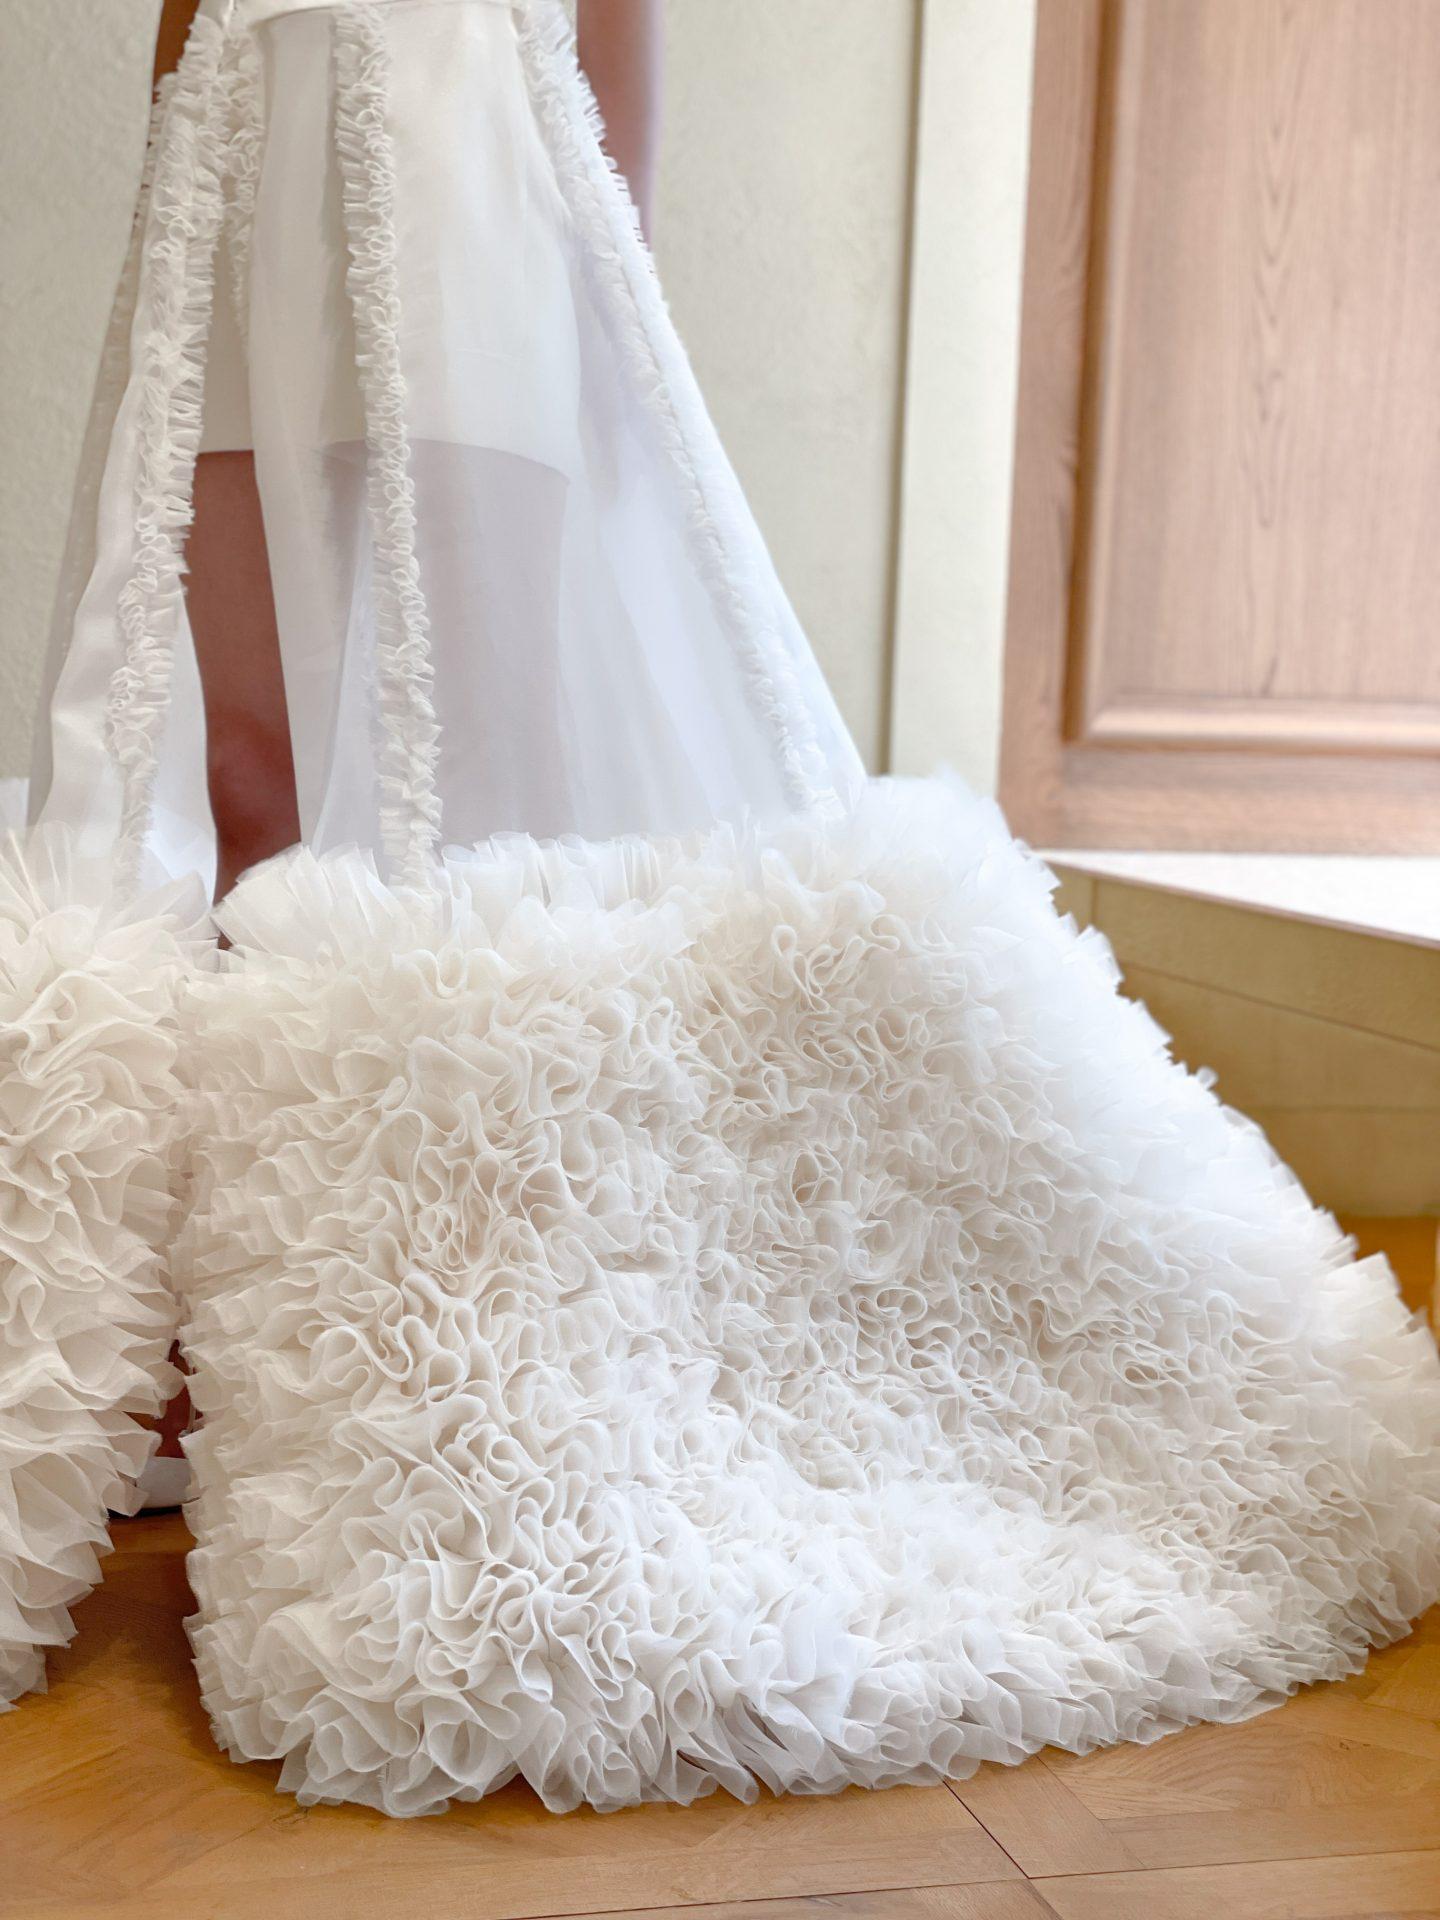 TOMO KOIZUMI for TREAT MAISONのラッフルがふんわりと広がるオーバースカートのコーディネート